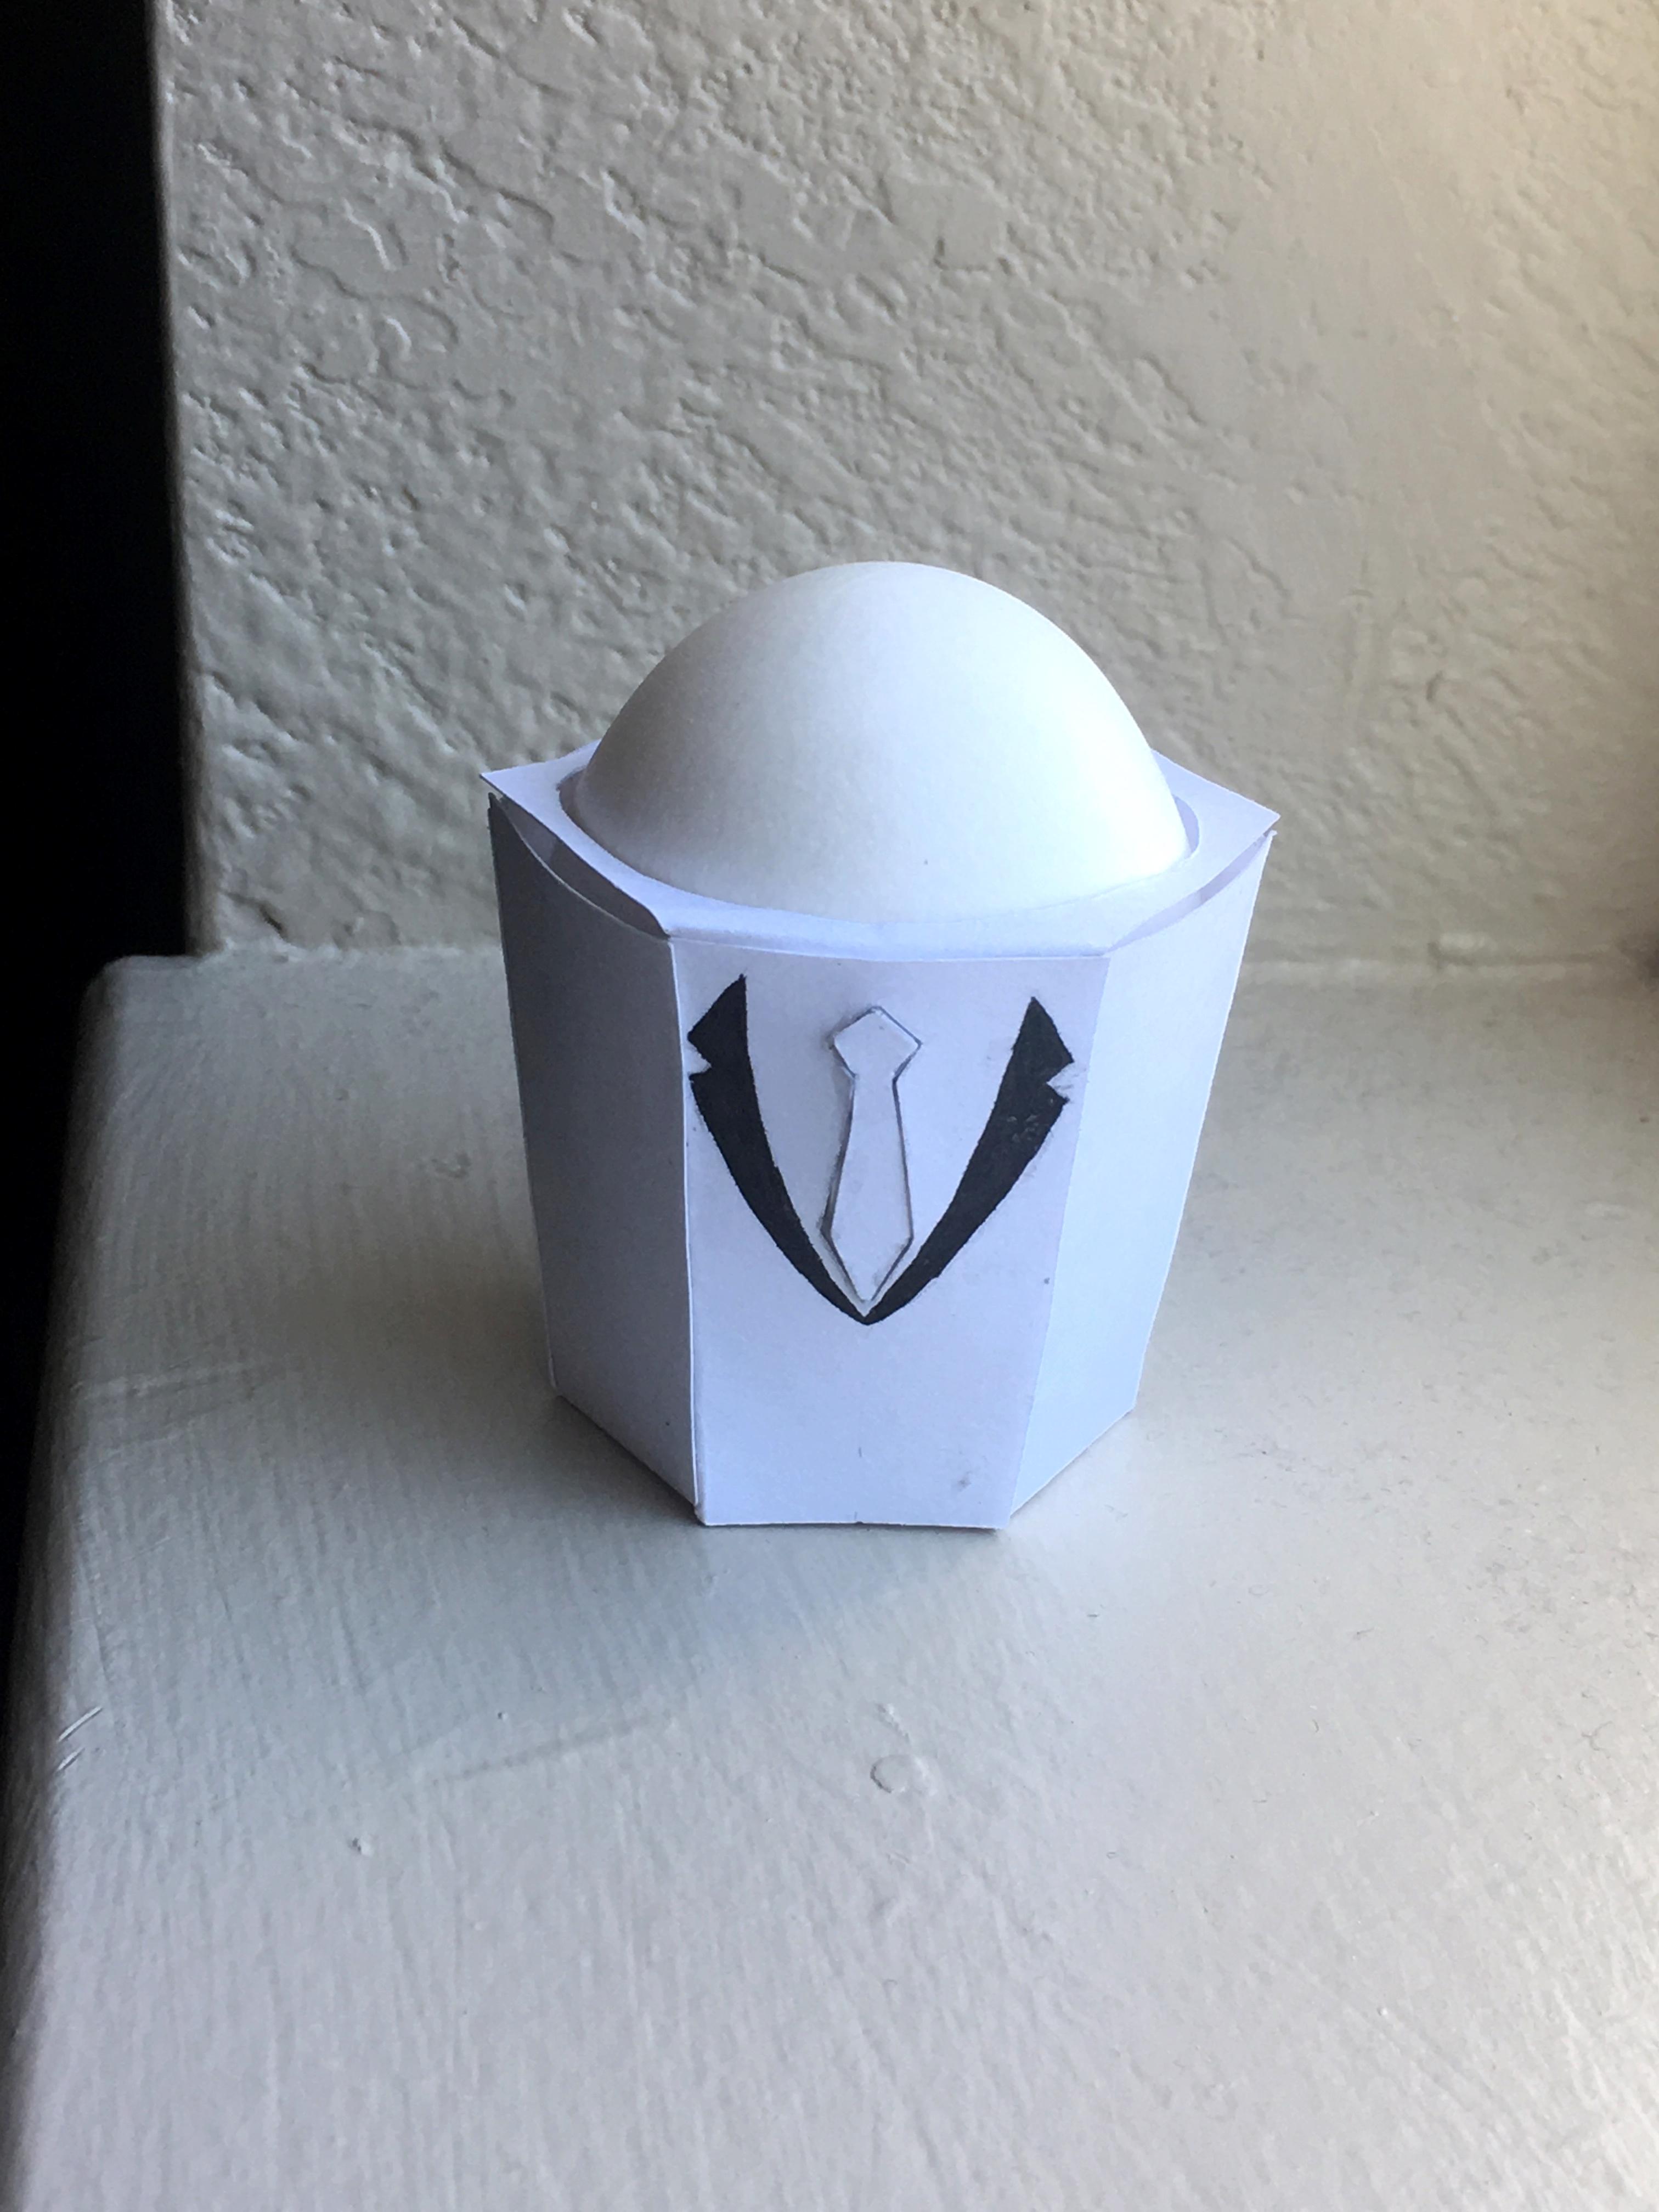 Egg Suit Prototype